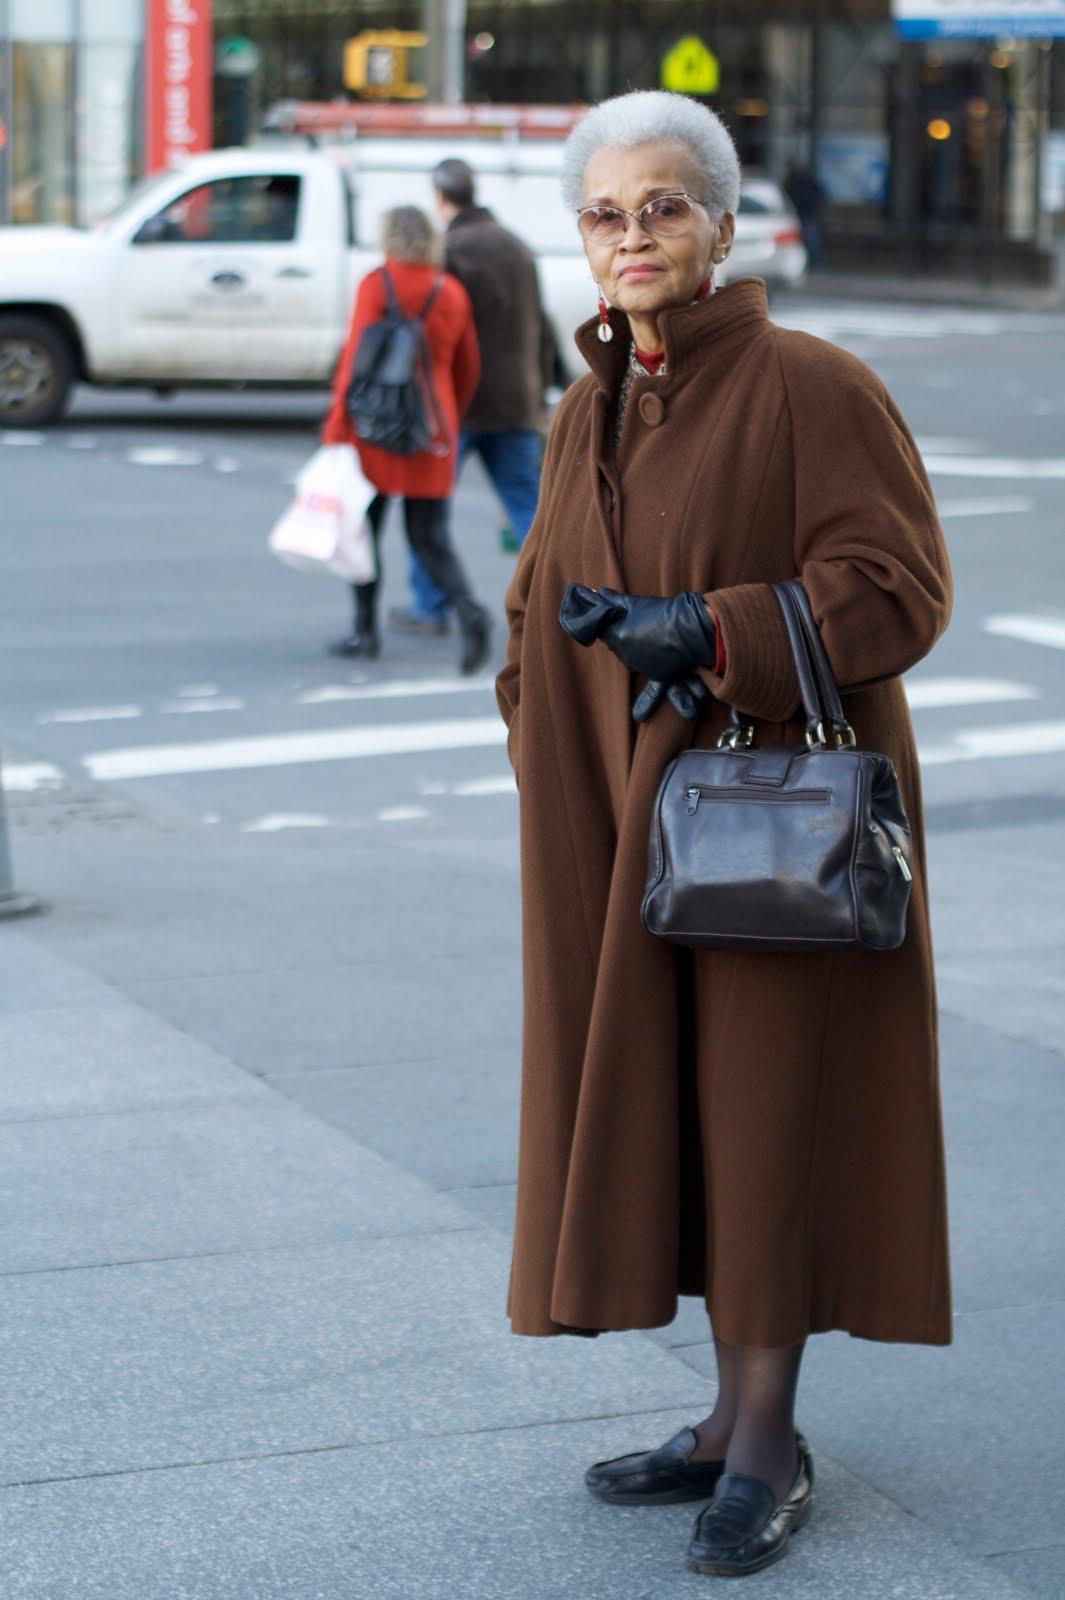 Купить Одежду Для Пожилых